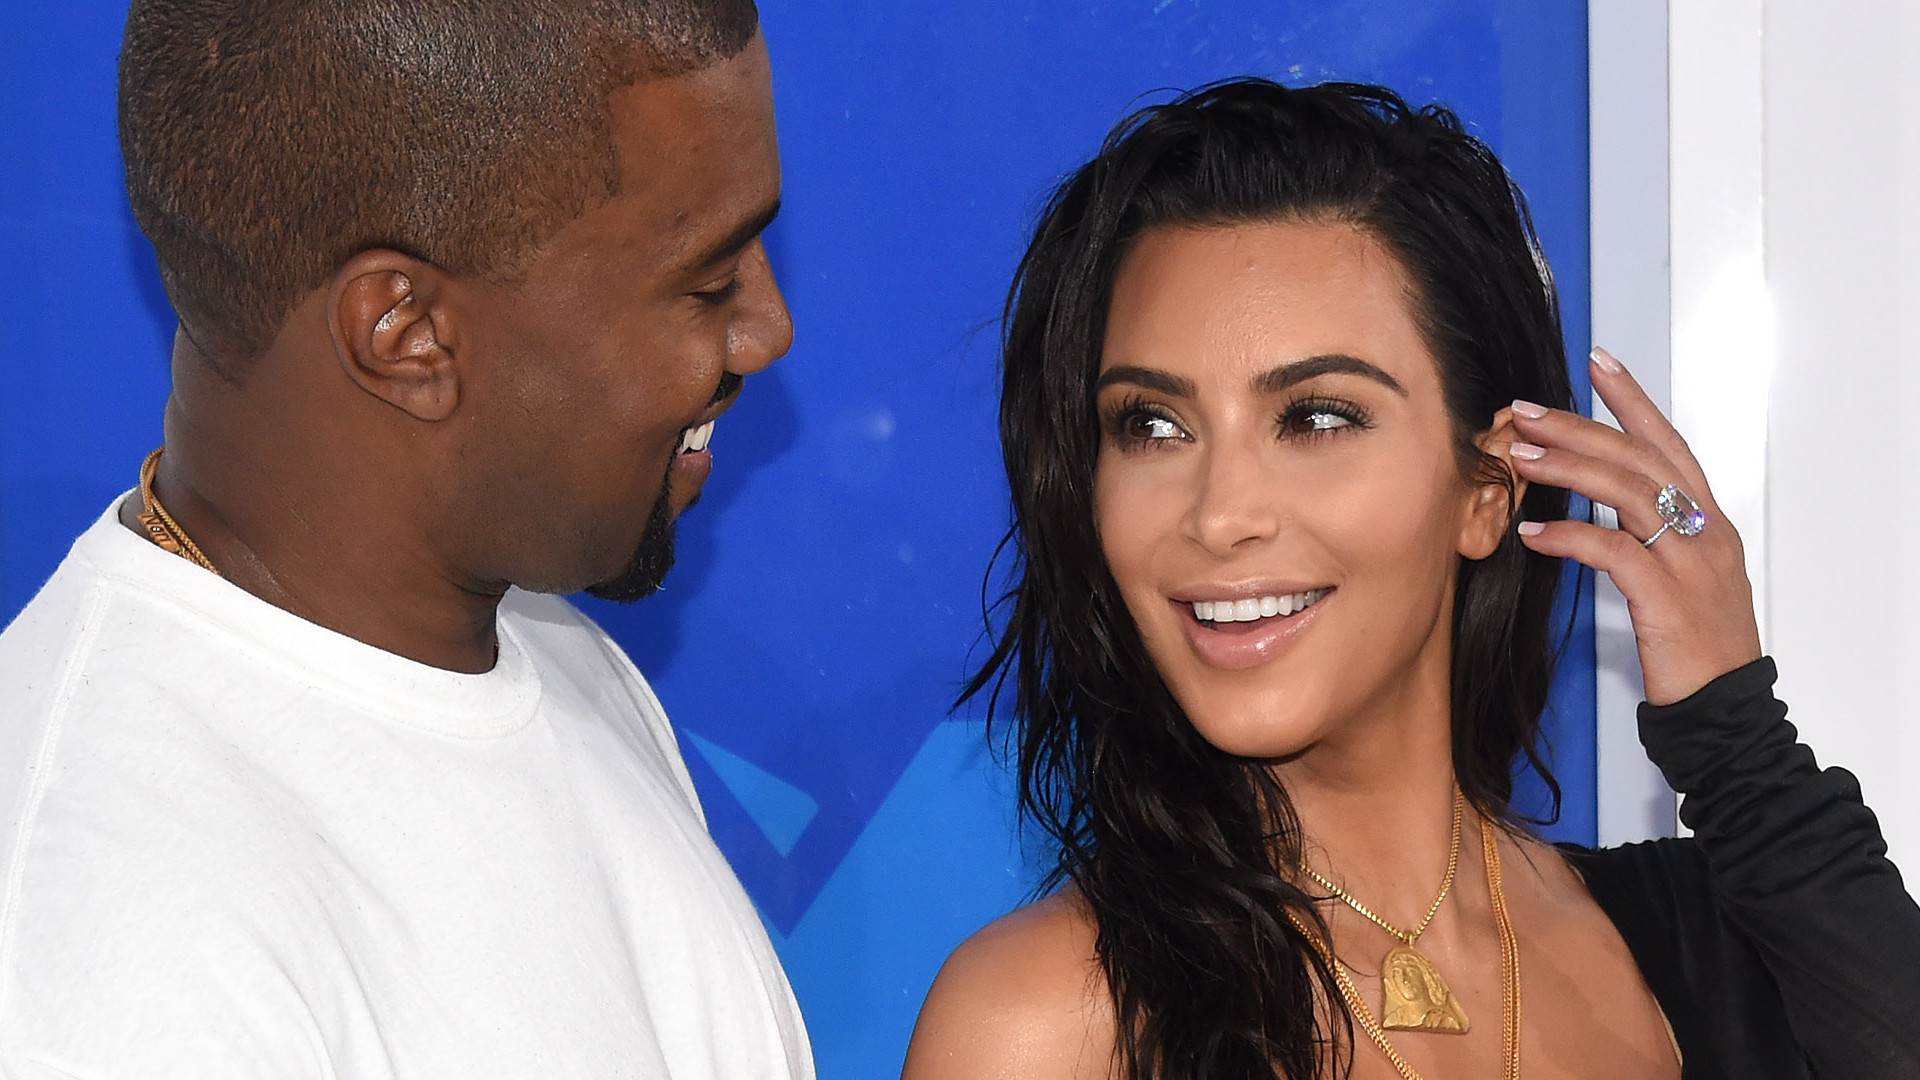 Ujawniono pierwszy szczegół ugody rozwodowej Kim Kardashian i Kanye Westa